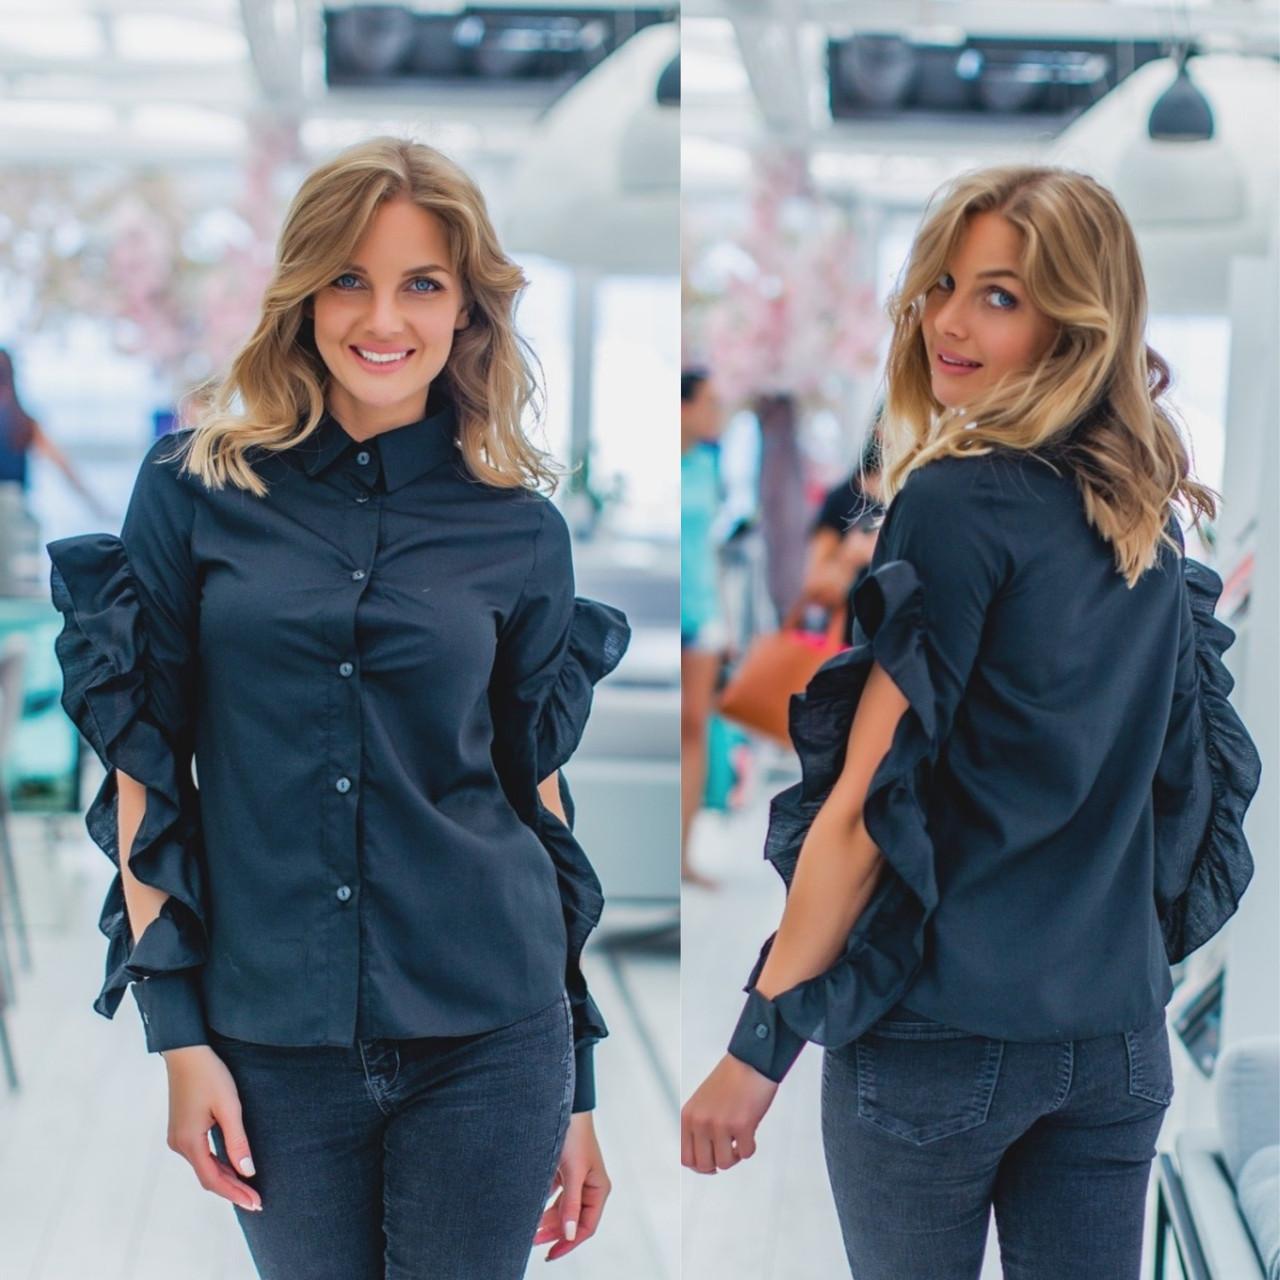 Оригинальная женская рубашка черного цвета с эффектными воланами на рукавах